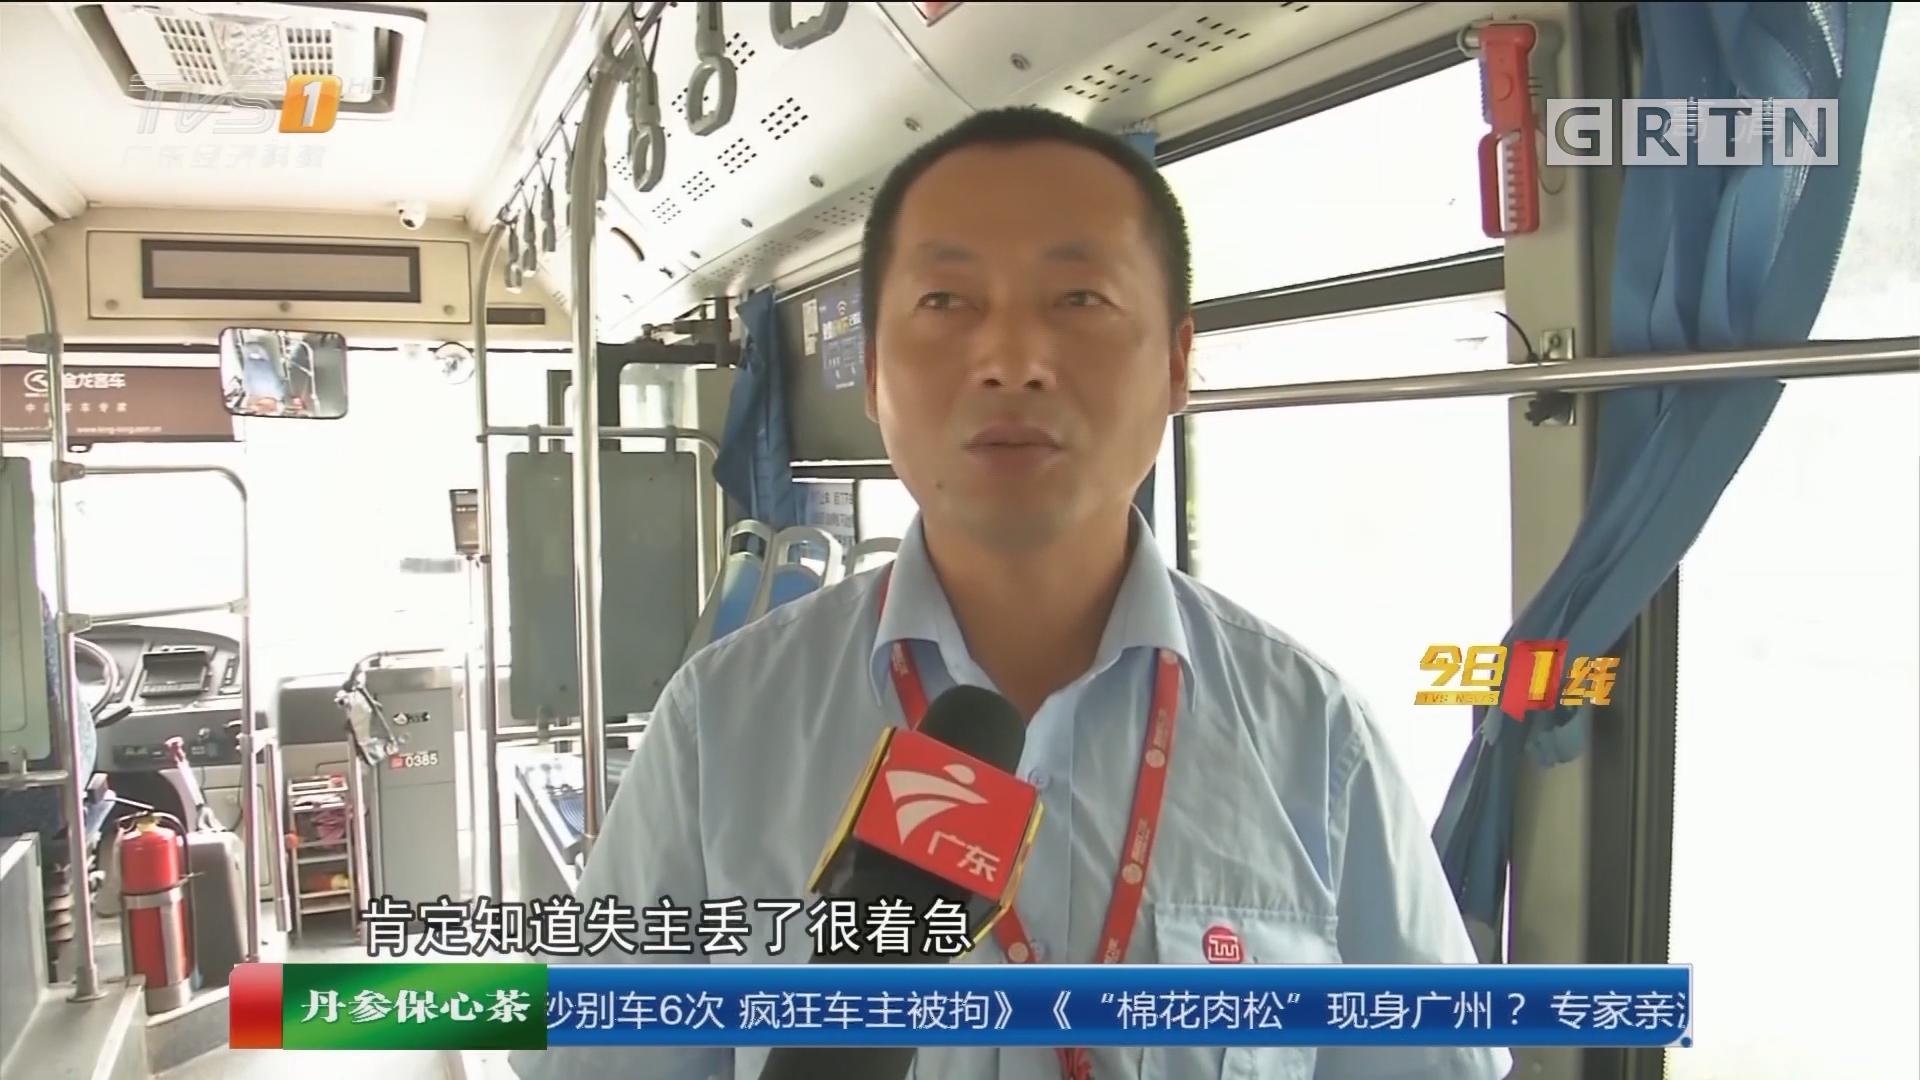 深圳龙岗:失主遗落手提袋 民警狂追公交车